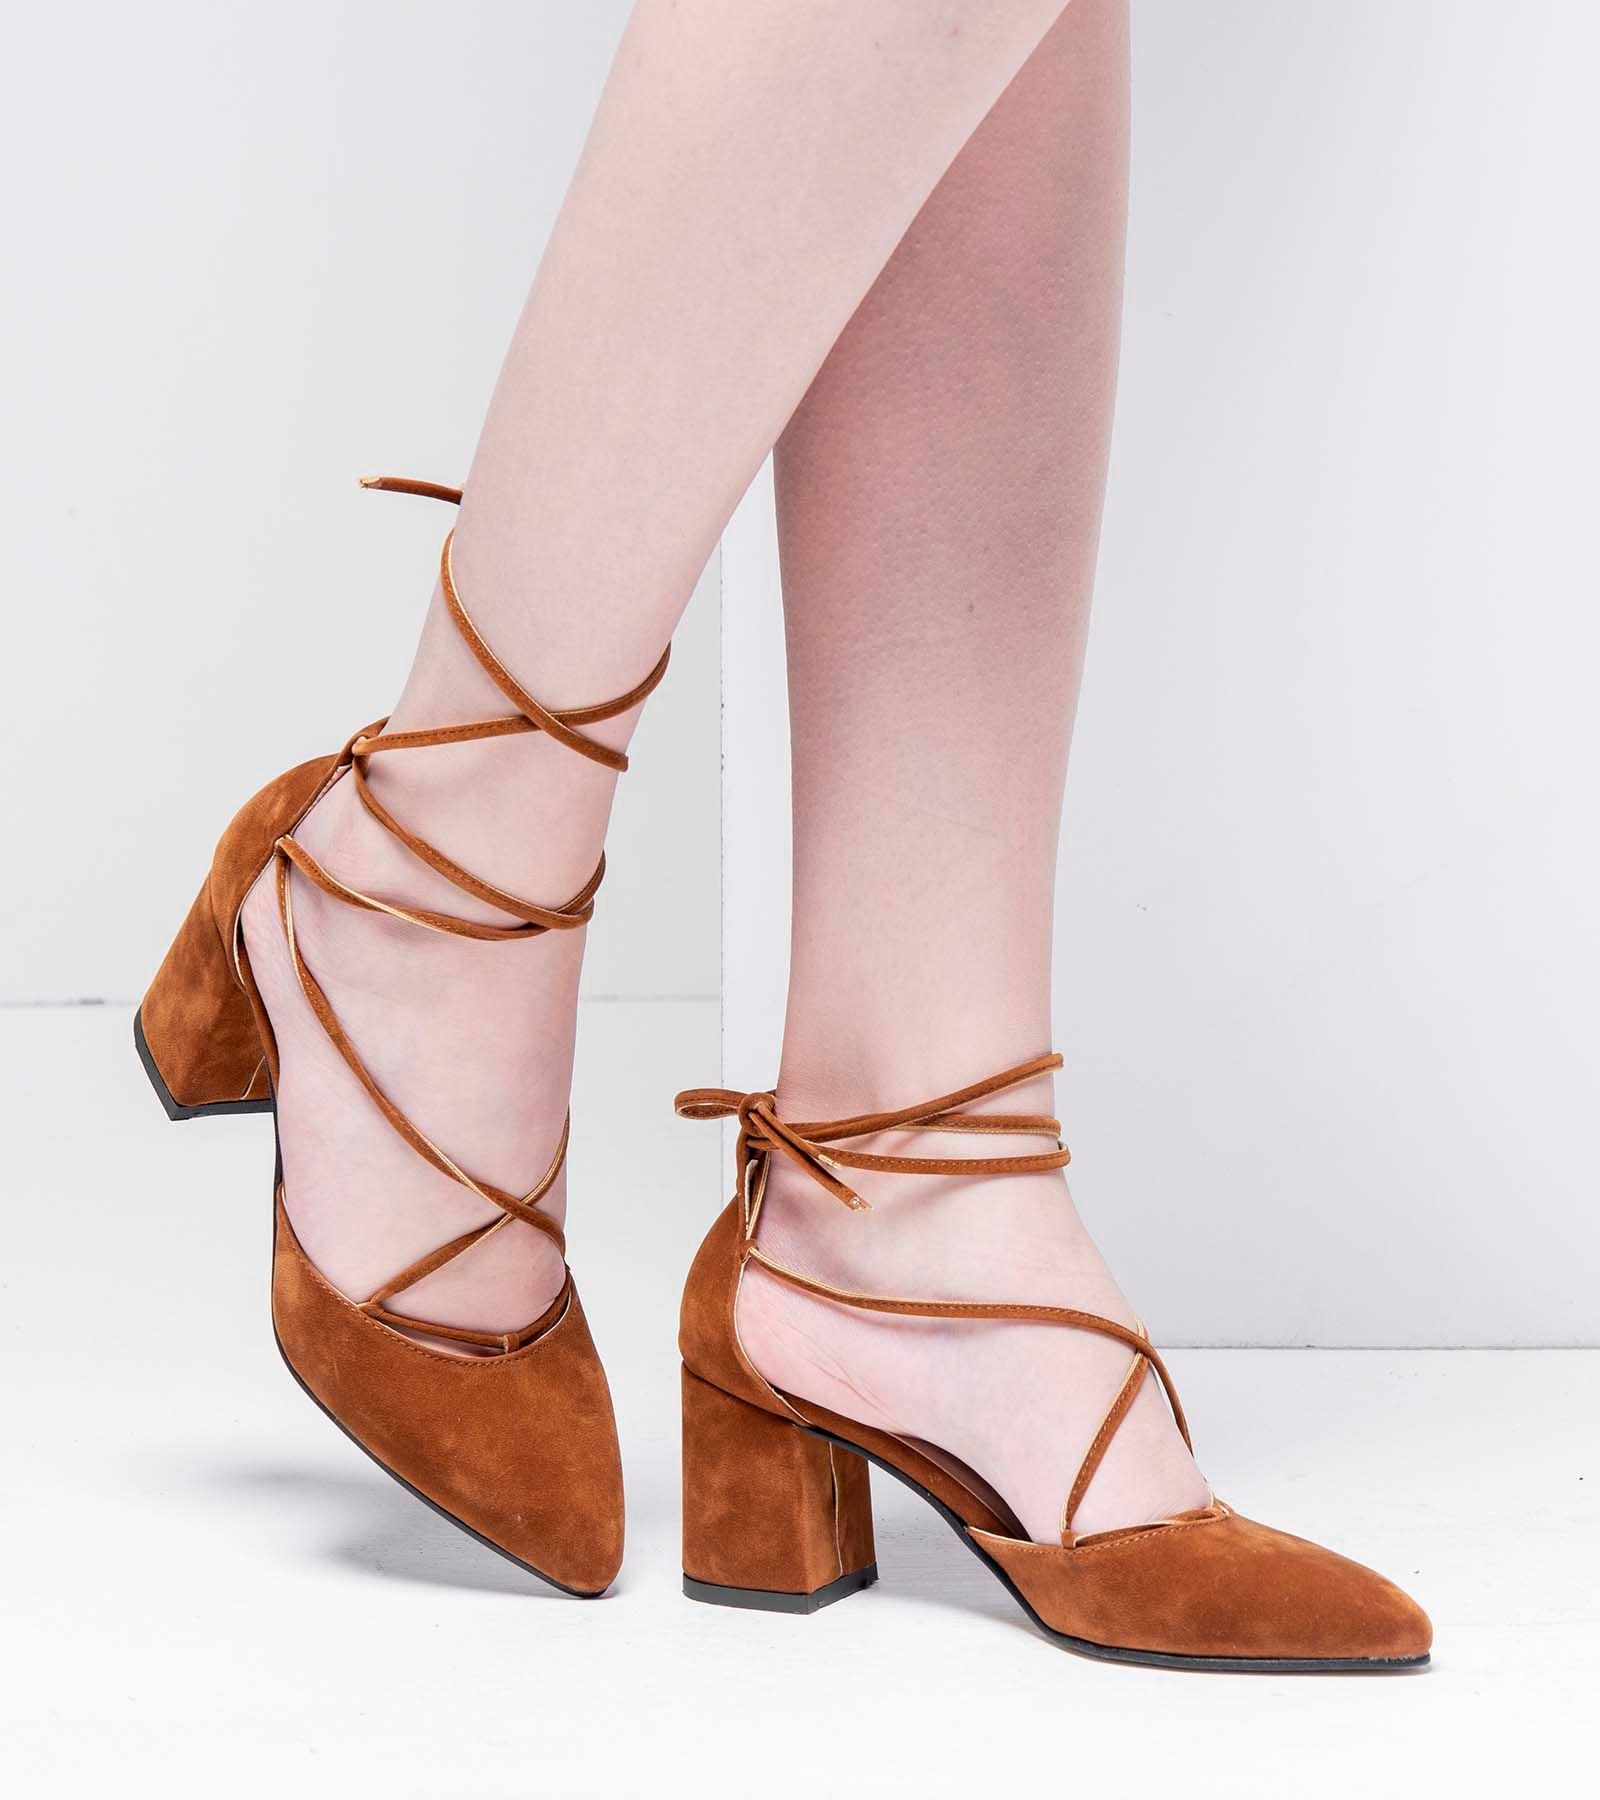 Lucy Topuklu Bağcıklı Süet Ayakkabı Taba